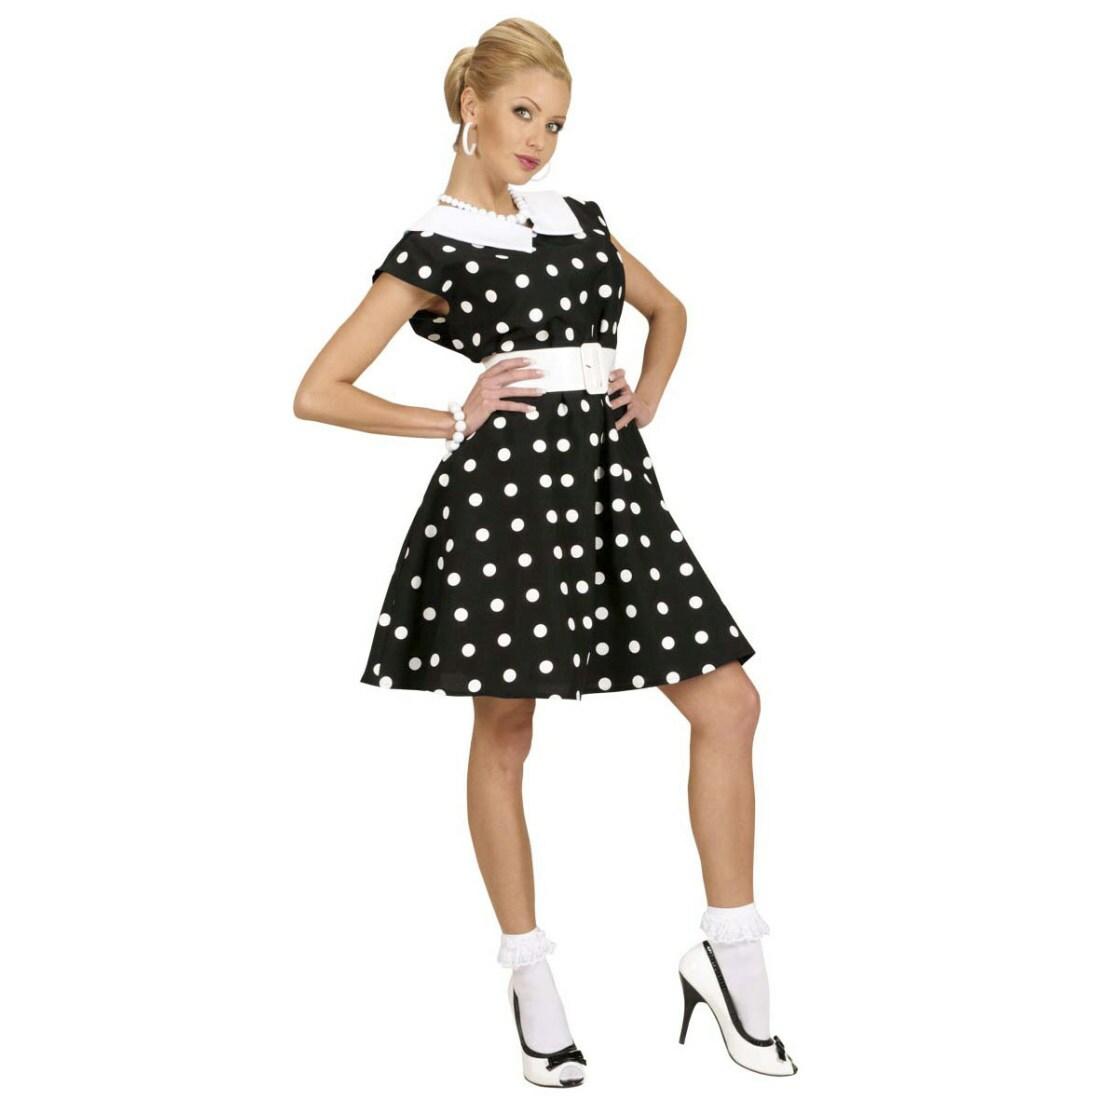 50er jahre petticoat kleid rockabilly damenkostüm schwarz-weiss gepunktet